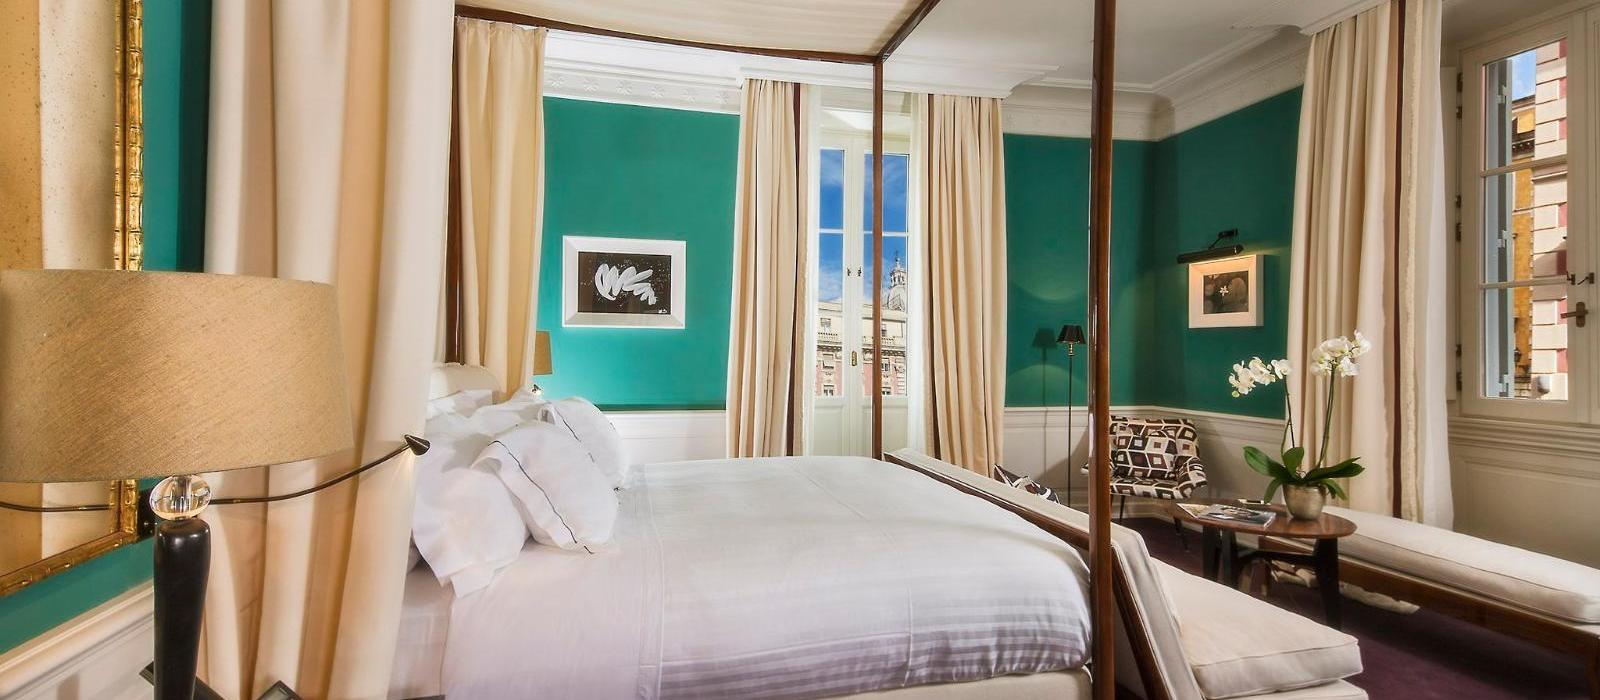 罗马锦凯酒店(J.K. Place Roma) 套房主卧图片  www.lhw.cn